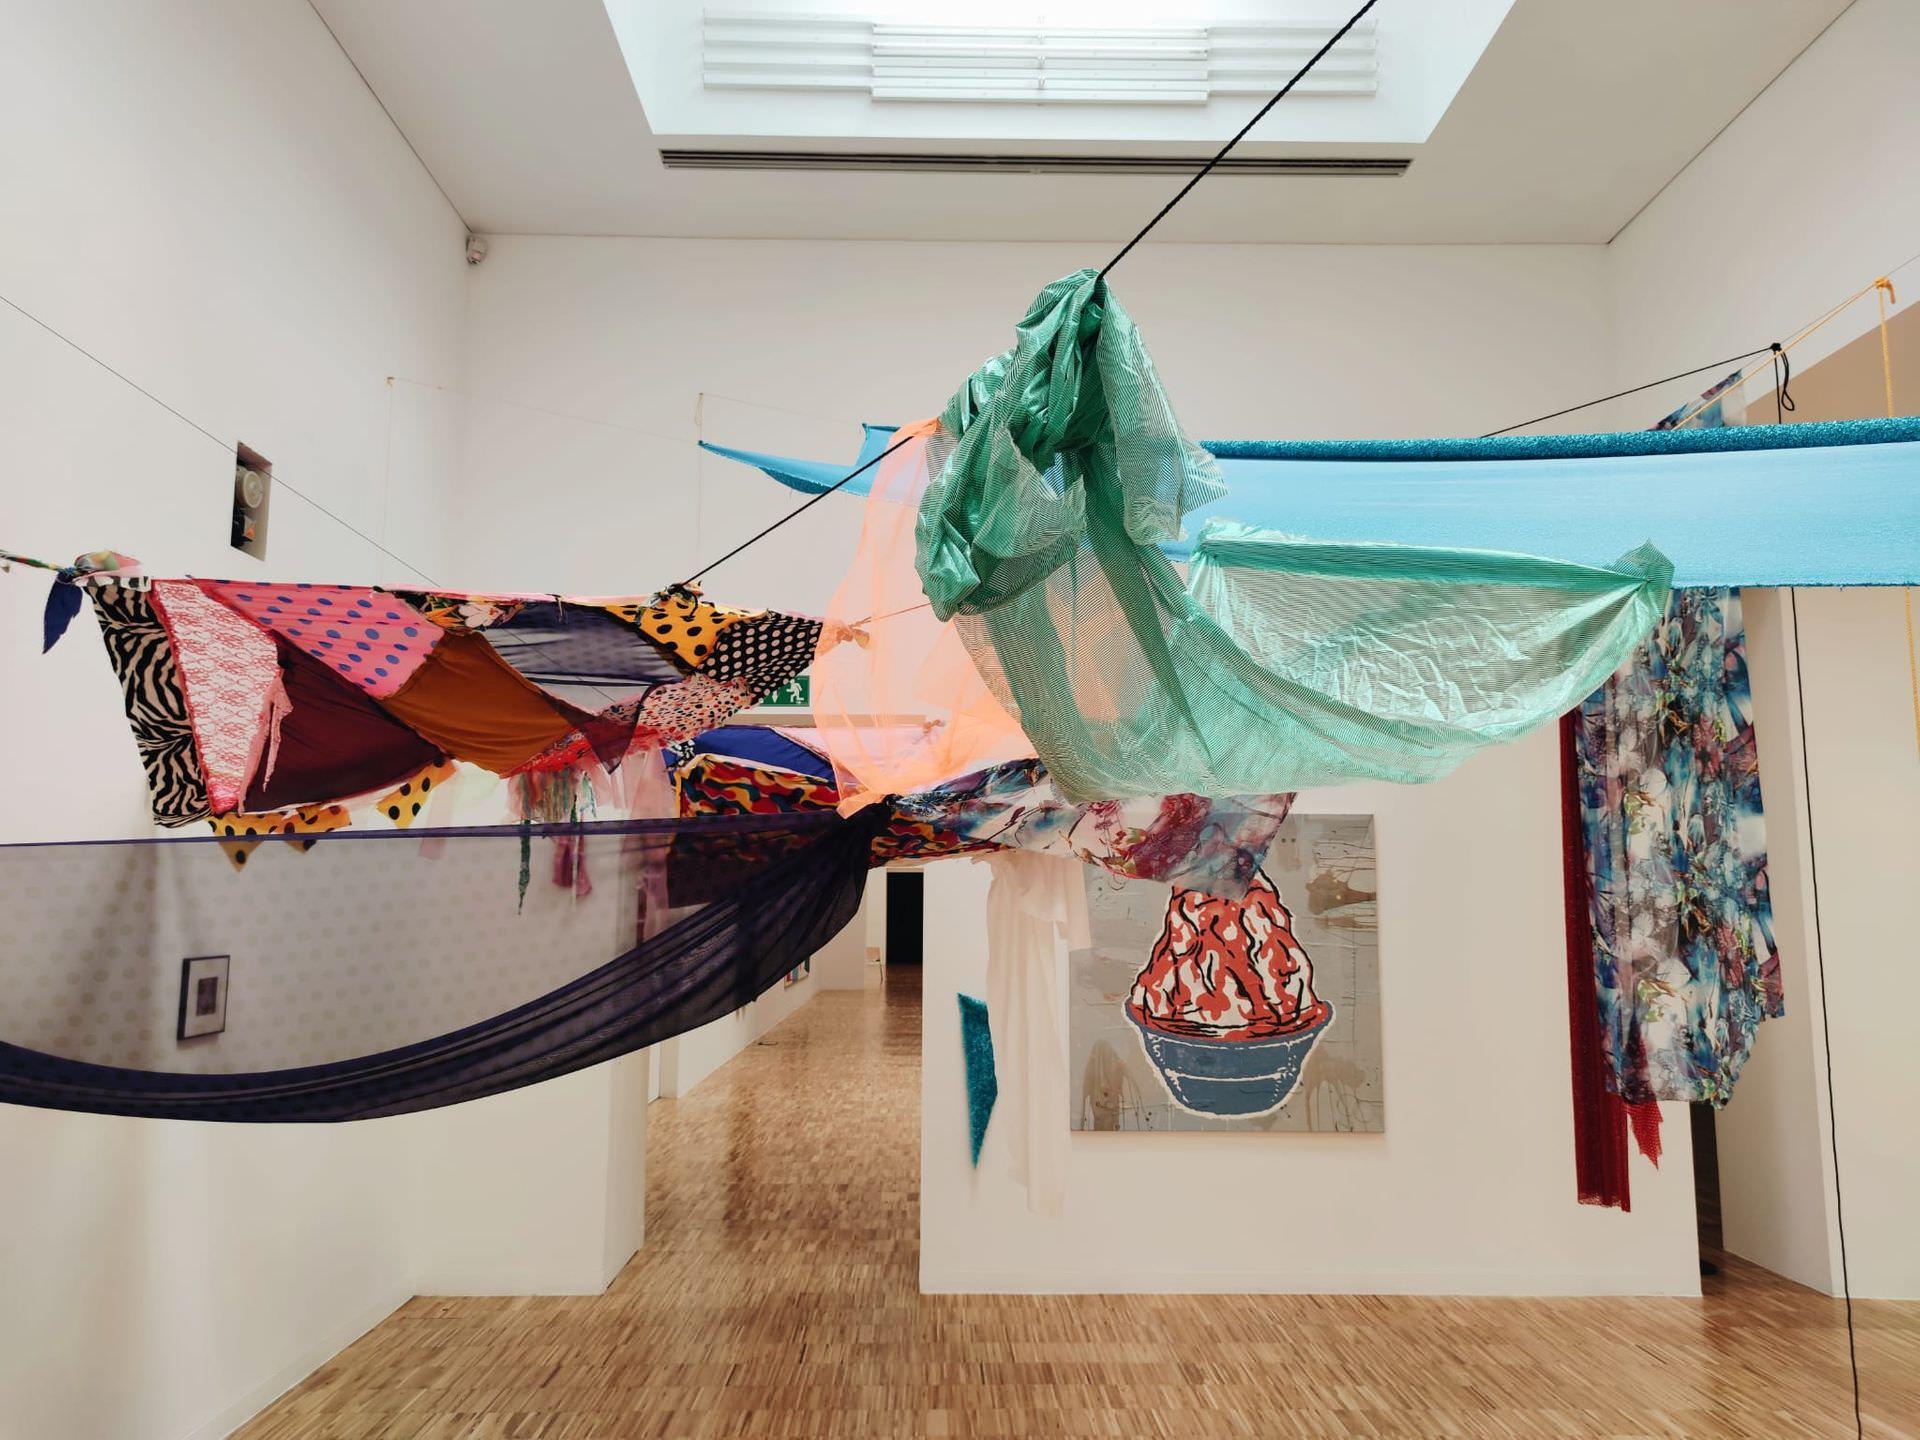 La artista Juana Fortuny y su instalación inédita «Tengo una amiga que» inician la temporada expositiva en BIBLI.